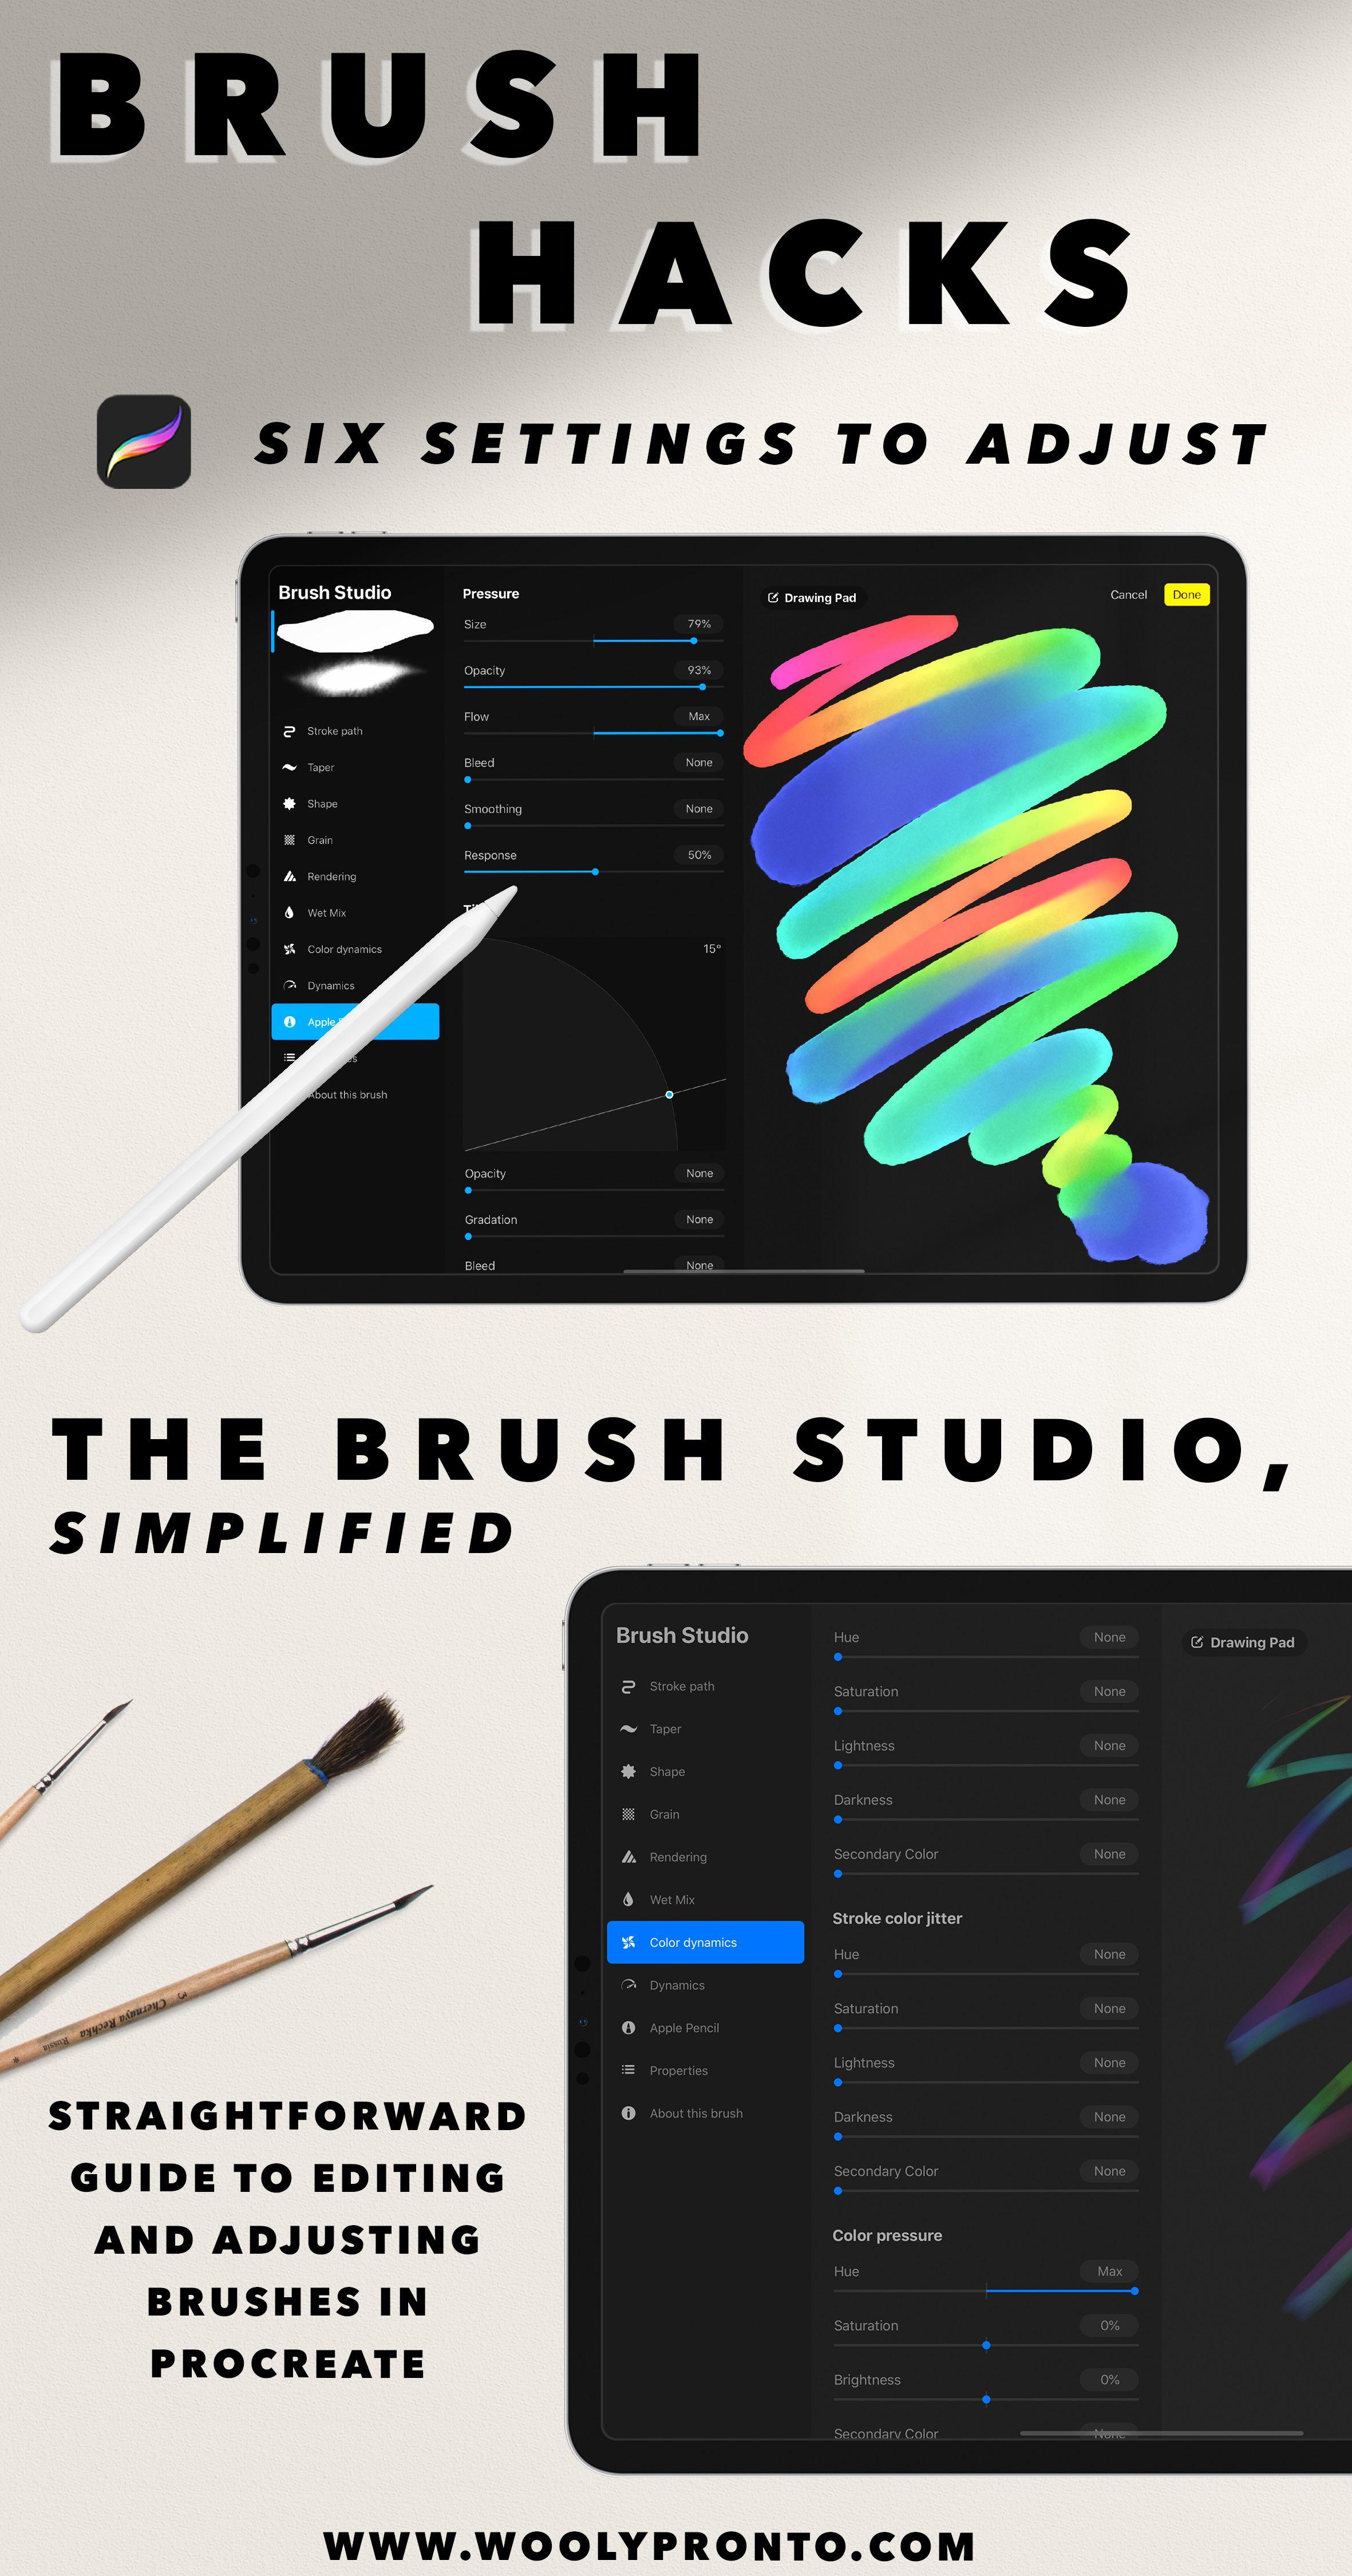 Procreate 5 Brush Studio Explained Six Brush Settings Hacks And Adjustments To Make 2 Procreate Ipad Art Procreate Ipad Tutorials Ipad Lettering Procreate